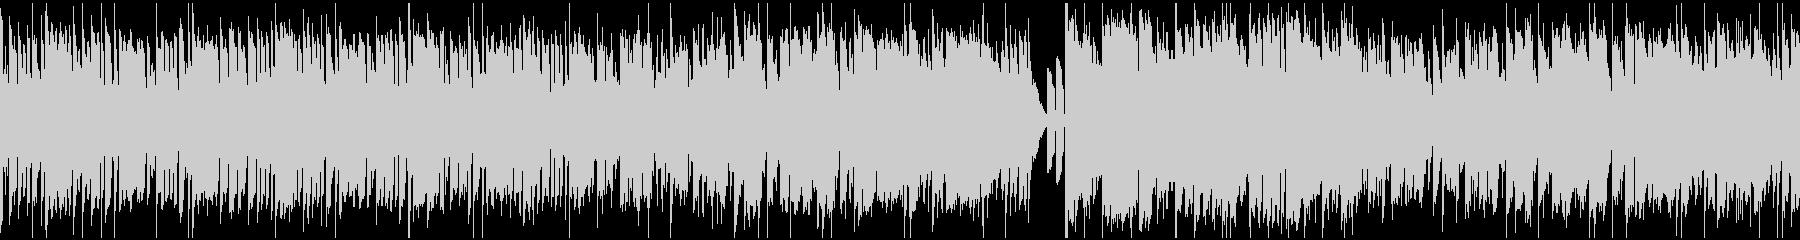 シンセ中心のコミカル曲_ループの未再生の波形